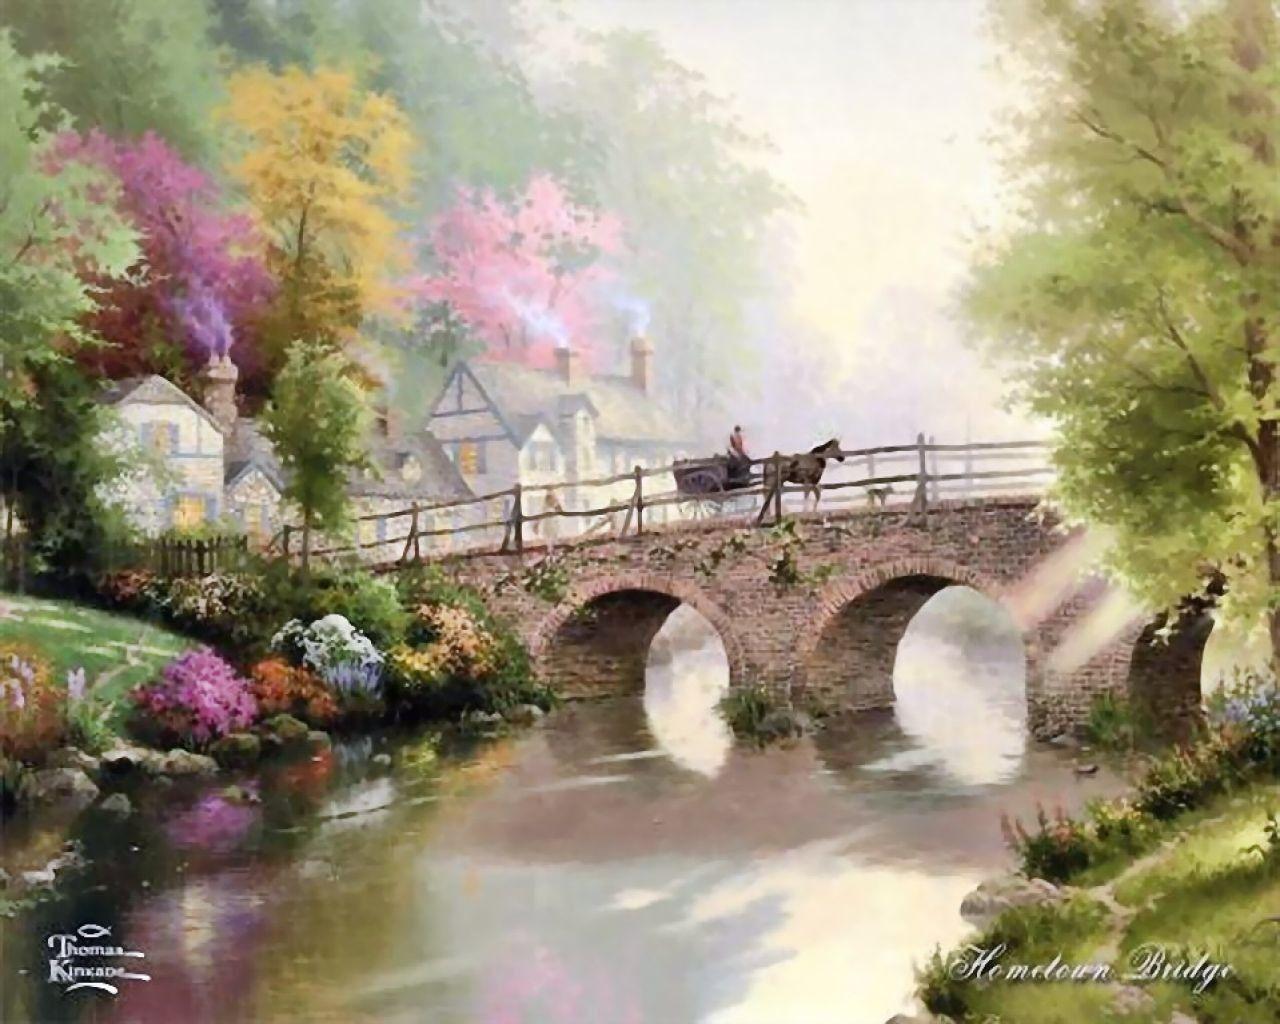 Thomas Kinkade Painting 110.jpg